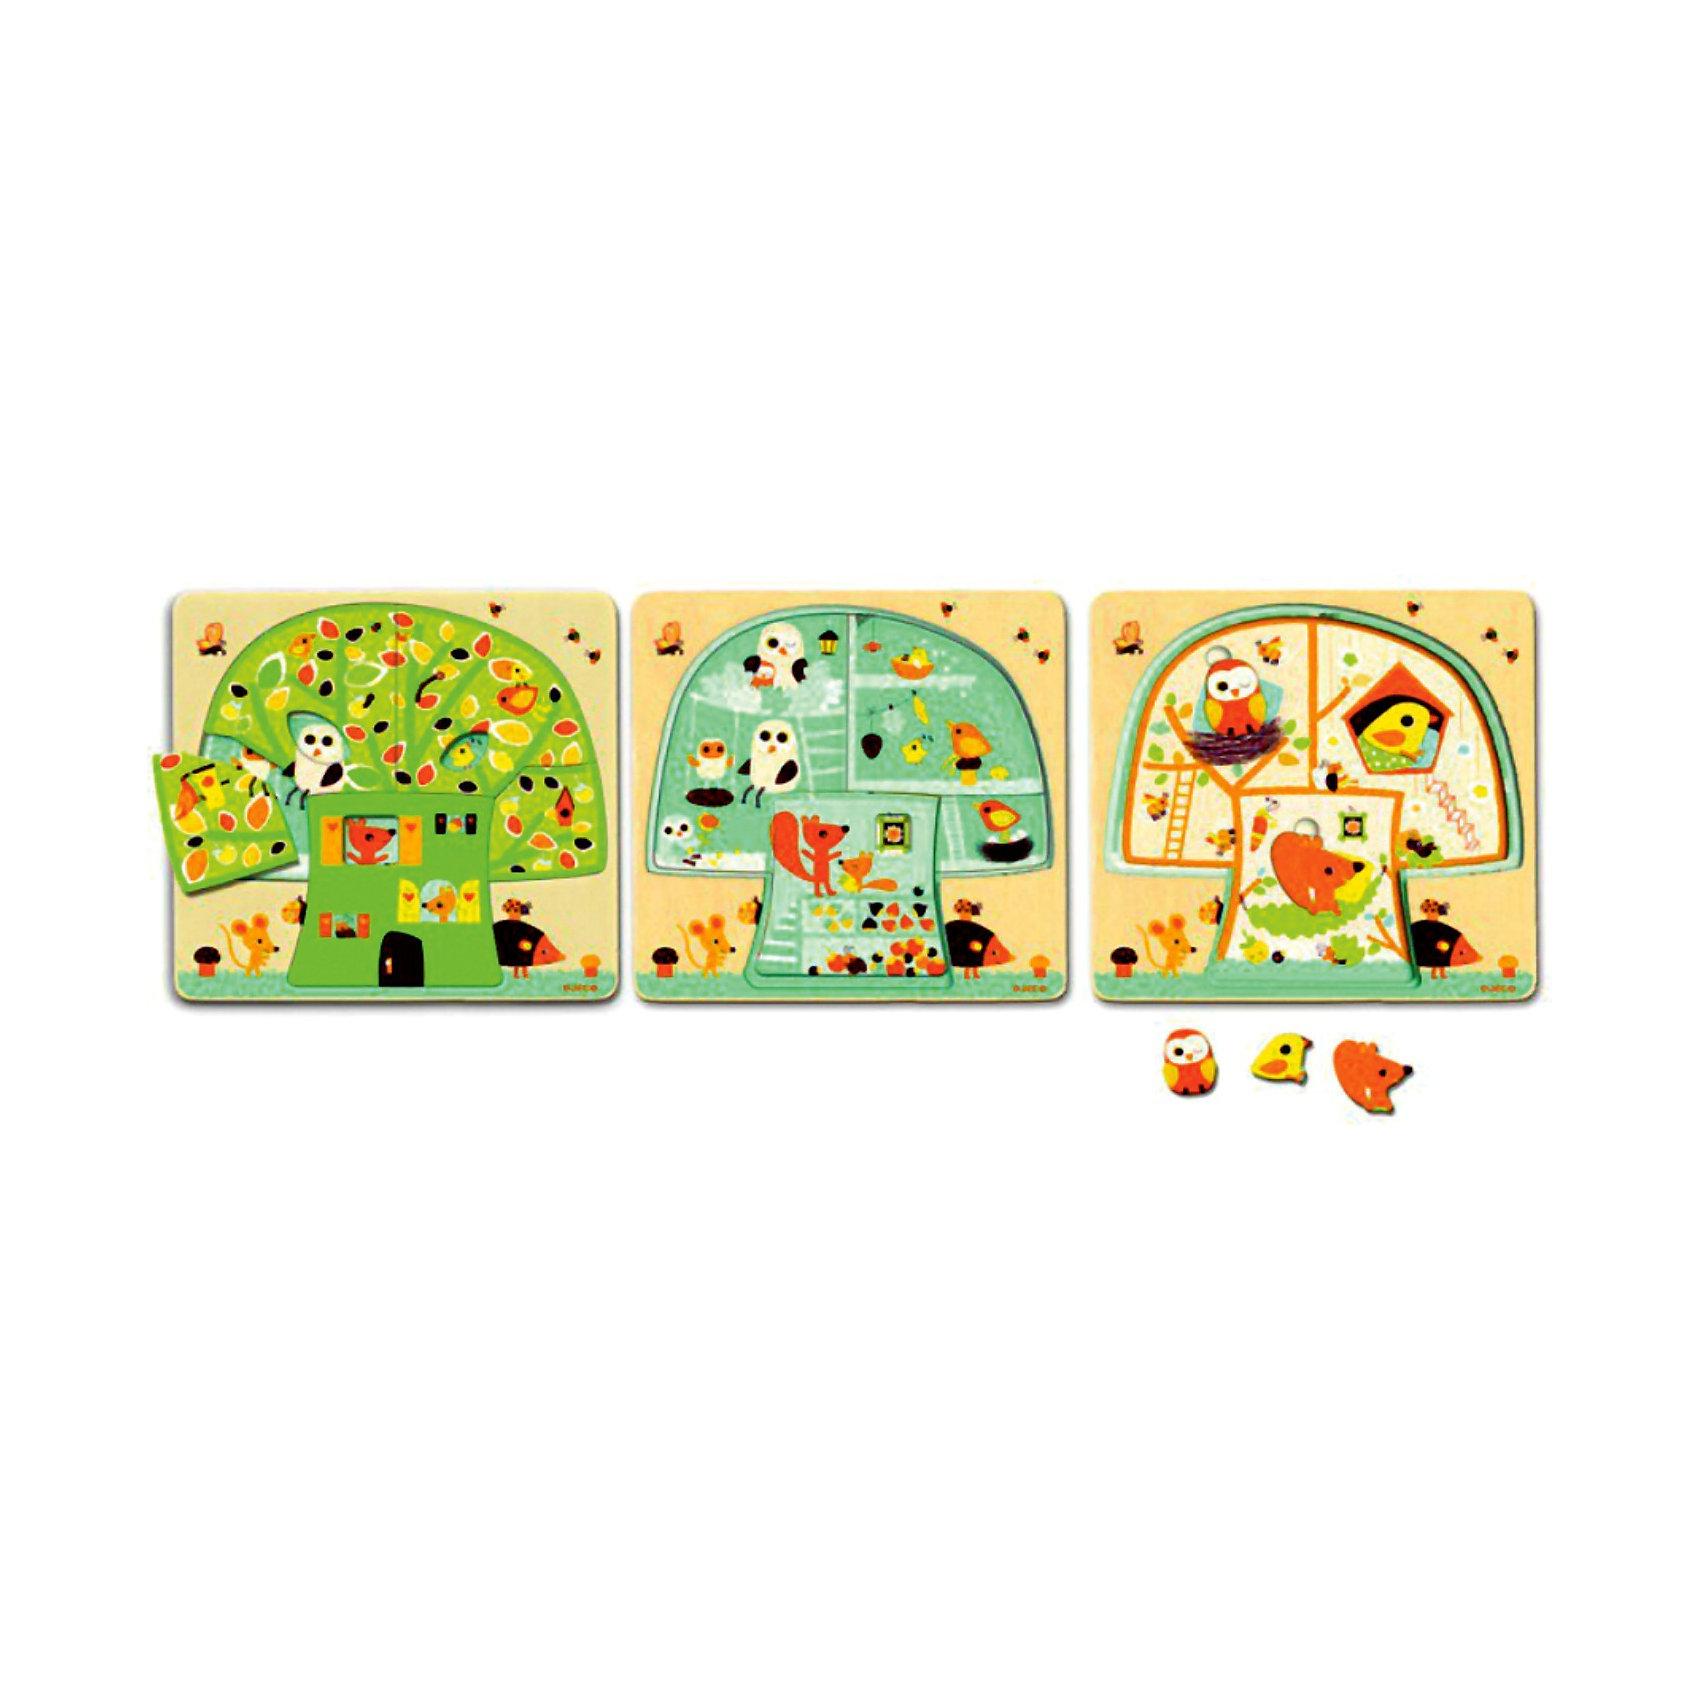 Трехслойный пазл Дом-дерево,  DJECOМногослойные пазлы сейчас очень популярны! Ведь сочетают в себе и увлекательную игру и пользу пазла. Увлекательный и яркий трехслойный пазл Дом-дерево от DJECO (Джеко) откроет малышу дверь в увлекательный мир забавных зверушек. Пазл состоит из 3х слоев: первый слой - домик-дерево, второй слой - комнаты, третий - зверята. Двери своих комнат крохе откроют: мудрая сова, проворный мышонок, колючий еж и игривая бабочка.  Малышу будет очень интересно играя и складывая, изучать слой за слоем жизнь зверят в их доме. Покажите малышу, как сопоставлять цвета и формы и он с радостью будет собирать маленькую семью снова и снова. Пазл полностью выполнен из натурального дерева, все его детали гладкие и яркие, поэтому он очень хорошо подойдет начинающим любителям пазлов.  Игра развивает пространственное мышление, тренирует мелкую моторику. За веселой игрой у детей развивается воображение, они знакомятся с окружающим миром, его формами, размерами и цветами.<br><br>Дополнительная информация:<br><br>- Многослойный пазл из натурального дерева;<br>- Прекрасный тренажер для моторных навыков, логического мышления, внимания;<br>- Подходит для первого знакомства с пазлами;<br>- Три слоя;<br>- Яркие цвета, безопасные краски;<br>- Продается в коробочке удобной для хранения;<br>- Размер пазла: 26 х 26 х 2 см;<br>- Вес: 400 г<br><br>Трехслойный пазл Дом-дерево DJECO (Джеко) можно купить в нашем интернет-магазине.<br><br>Ширина мм: 260<br>Глубина мм: 260<br>Высота мм: 25<br>Вес г: 700<br>Возраст от месяцев: 24<br>Возраст до месяцев: 60<br>Пол: Унисекс<br>Возраст: Детский<br>SKU: 3778402